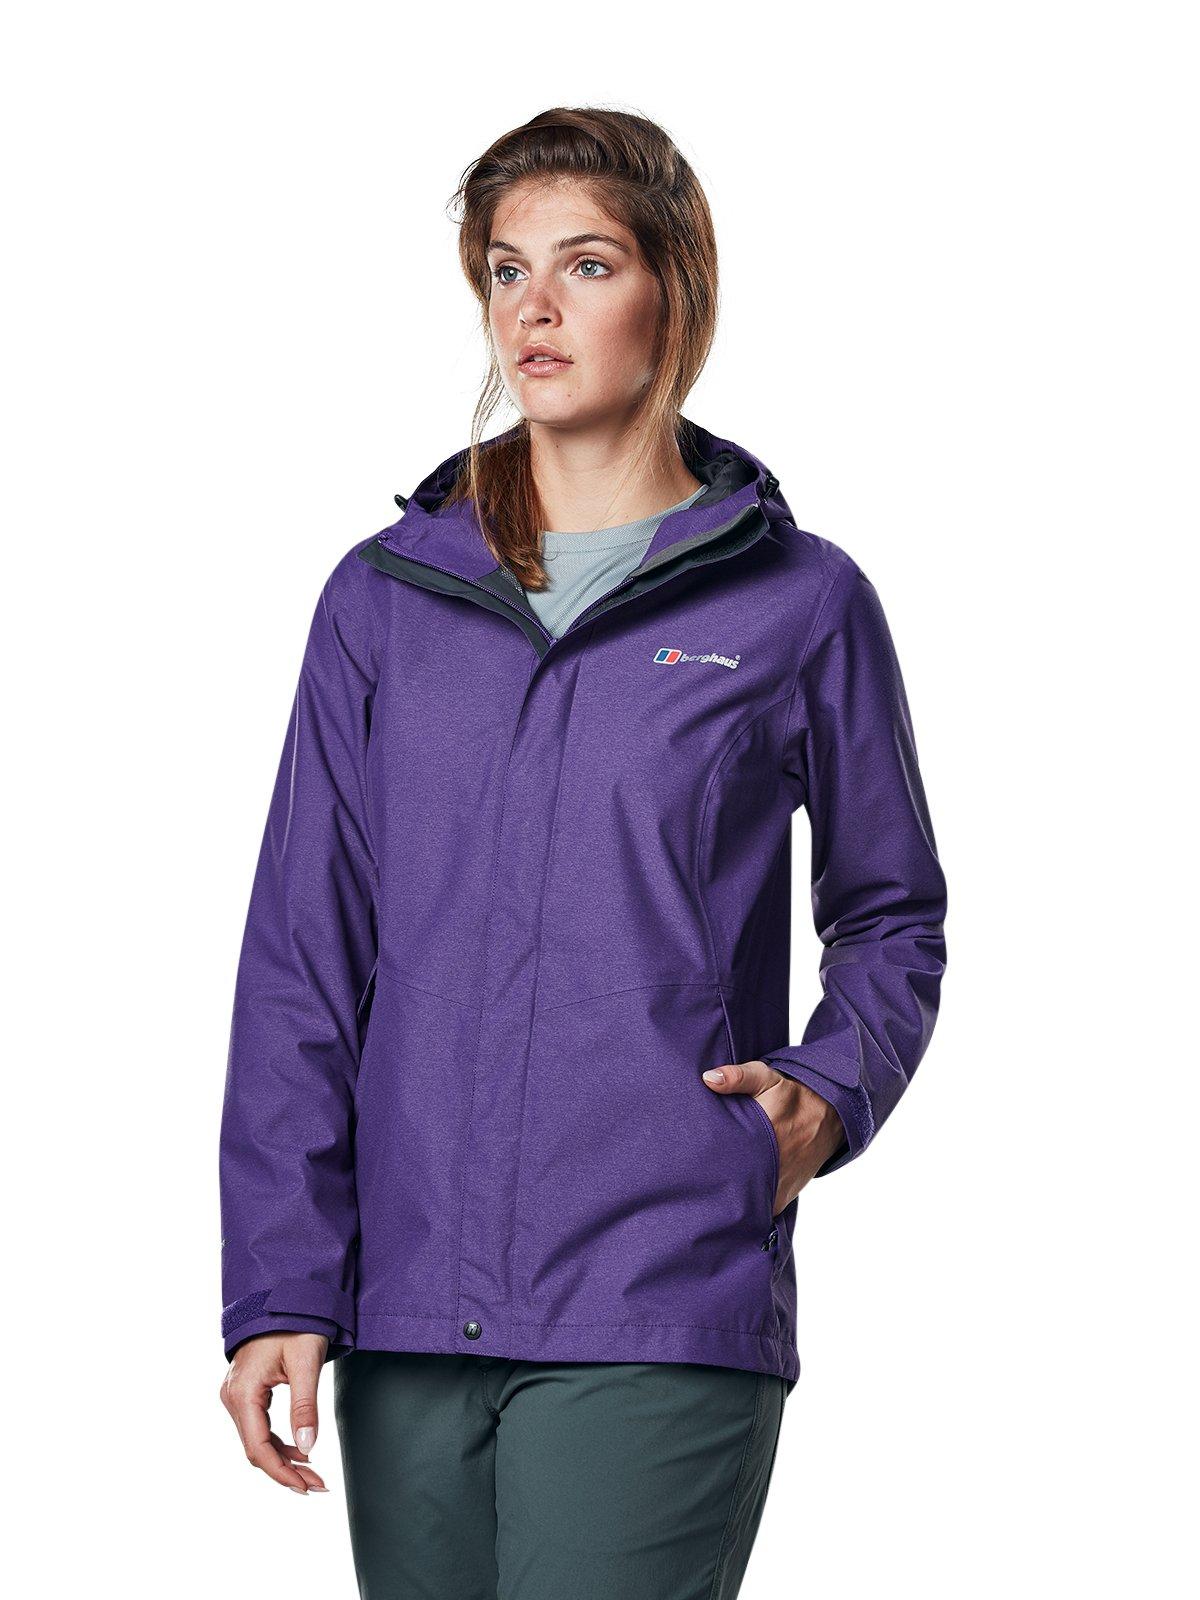 71yPUfPAWPL - Berghaus Women's Elara Waterproof Jacket